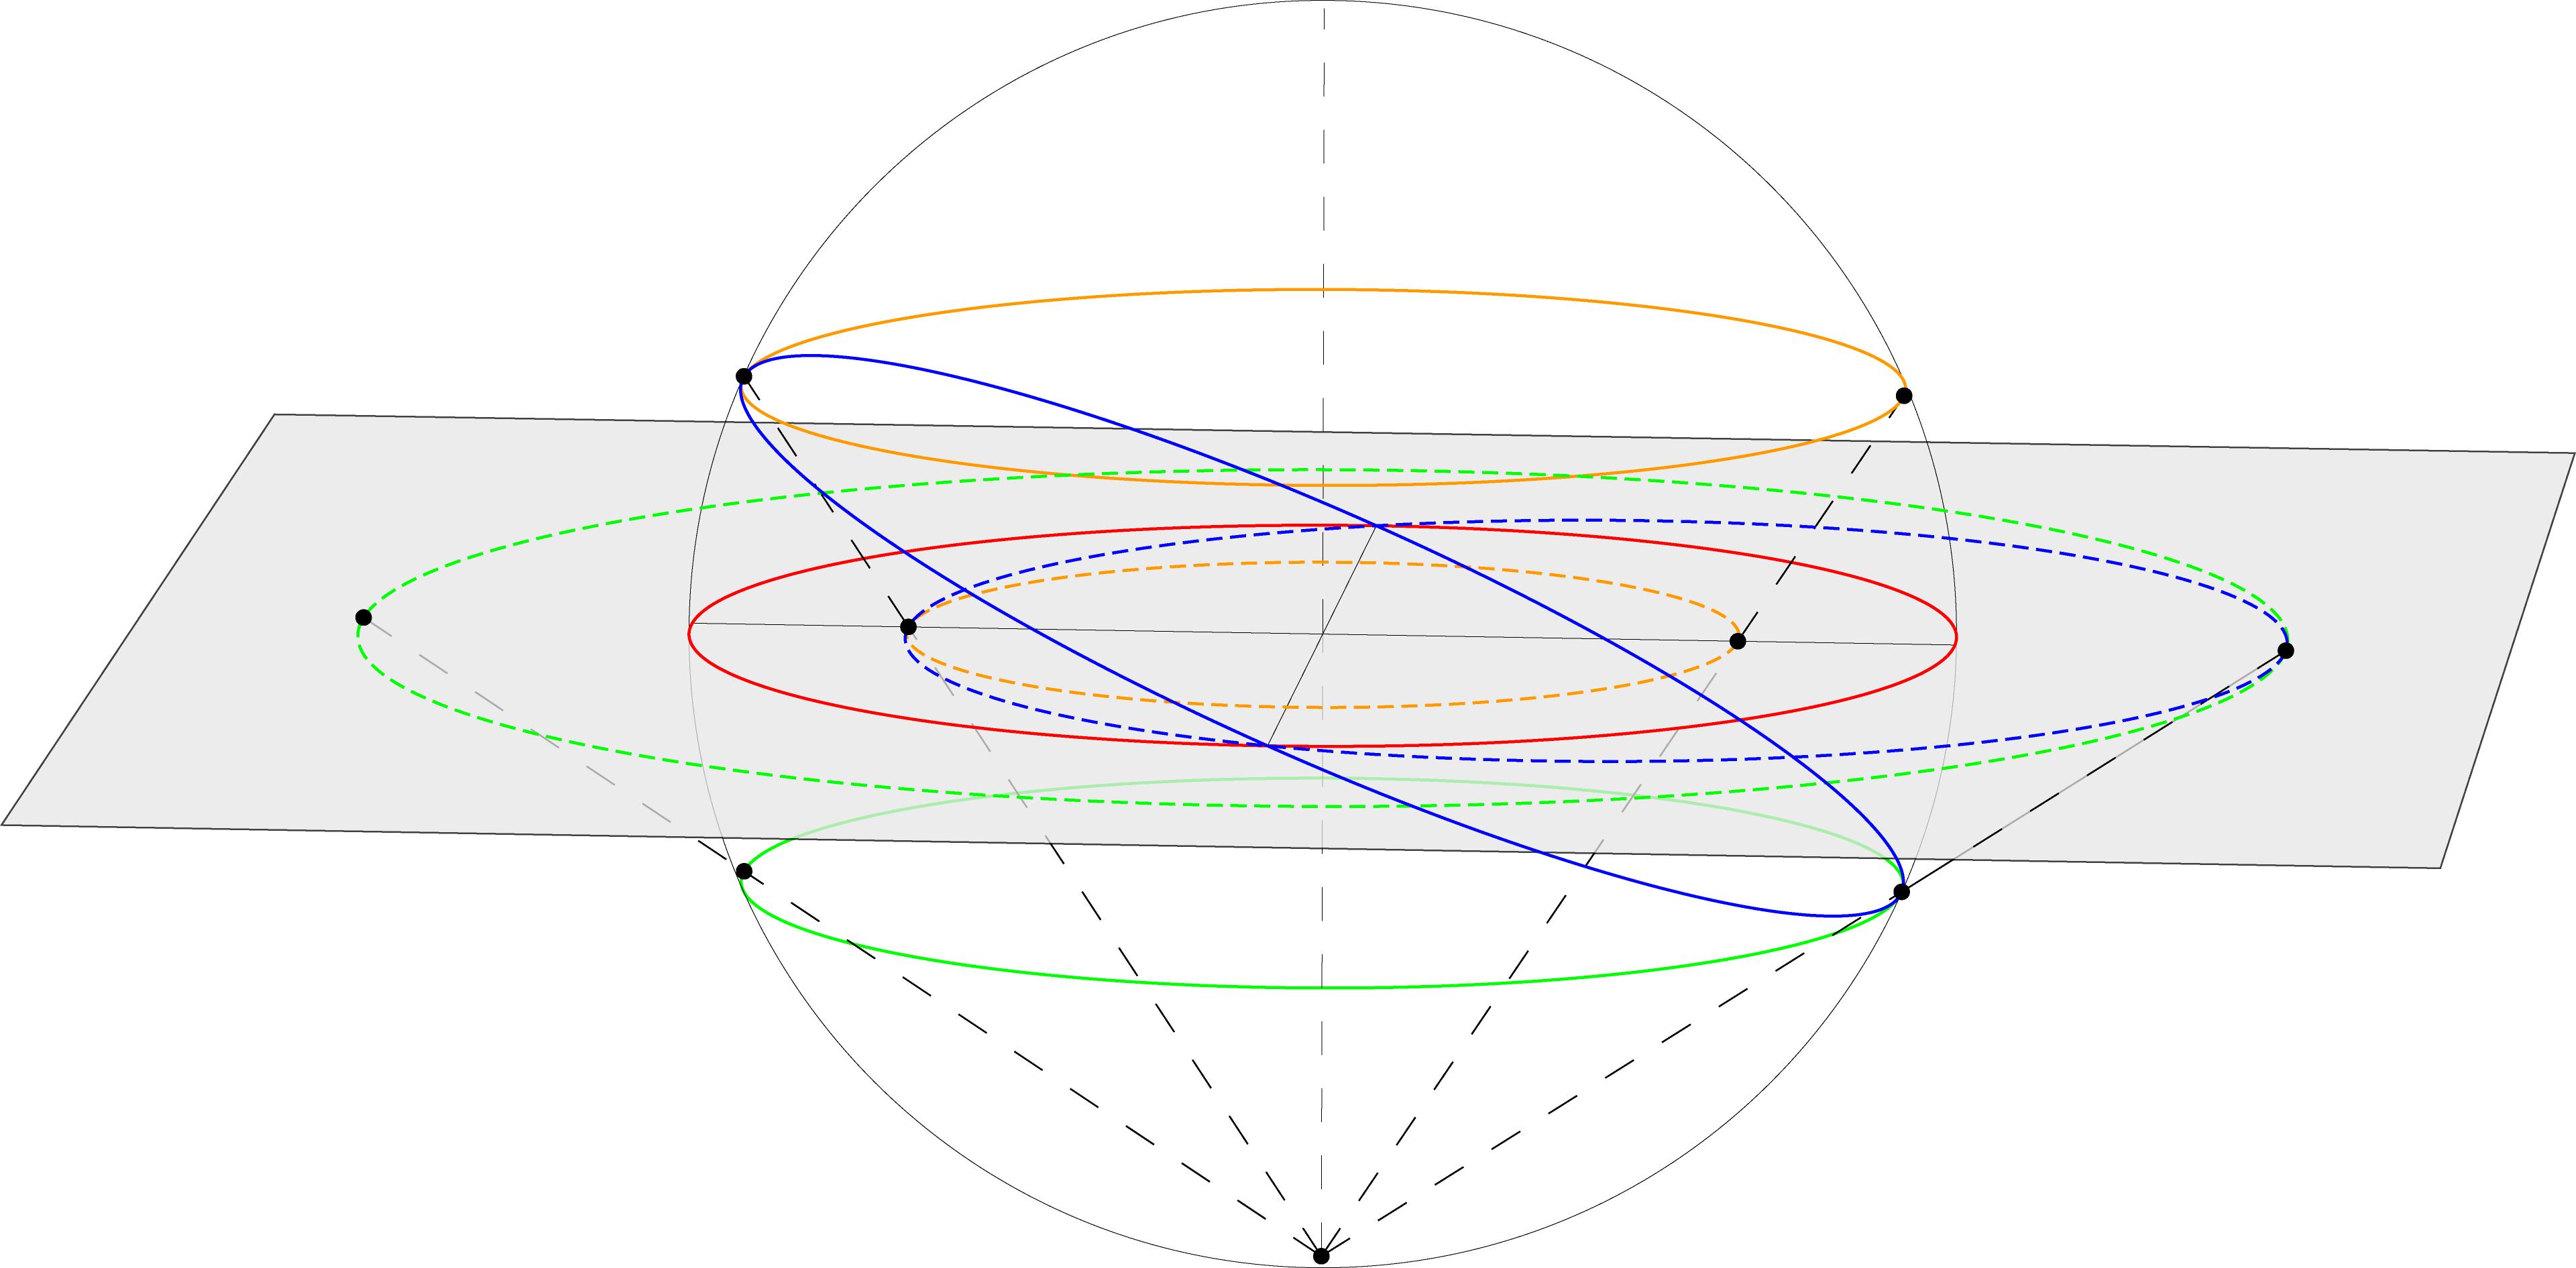 Projection stéréographique de centre le pôle sud sur le plan de l'équateur (2).